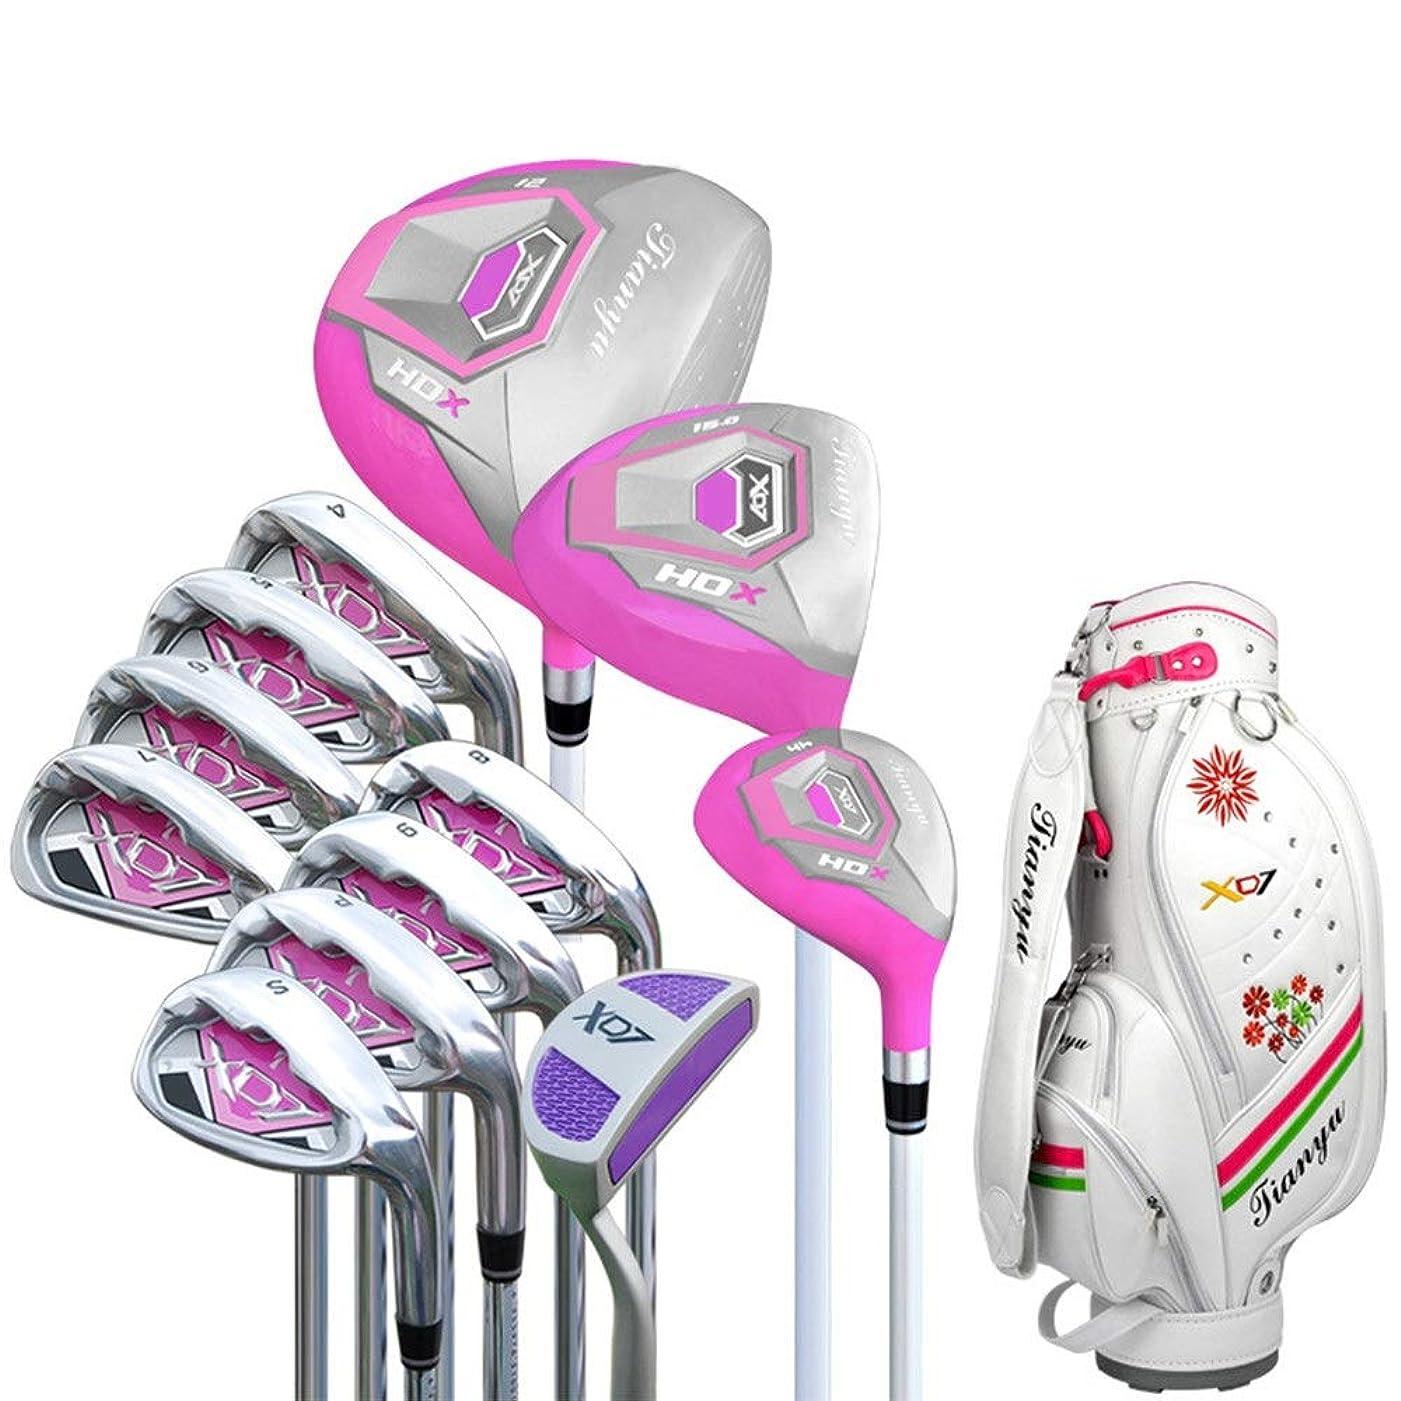 優先権擬人方向パターゴルフクラブ 女性ゴルフ初心者12ピースゴルフクラブセットピンクゴルフパターゴルフ練習クラブセット用手袋付き女性 ゴルフパター 右手右利き用 (色 : One color, サイズ : A2)